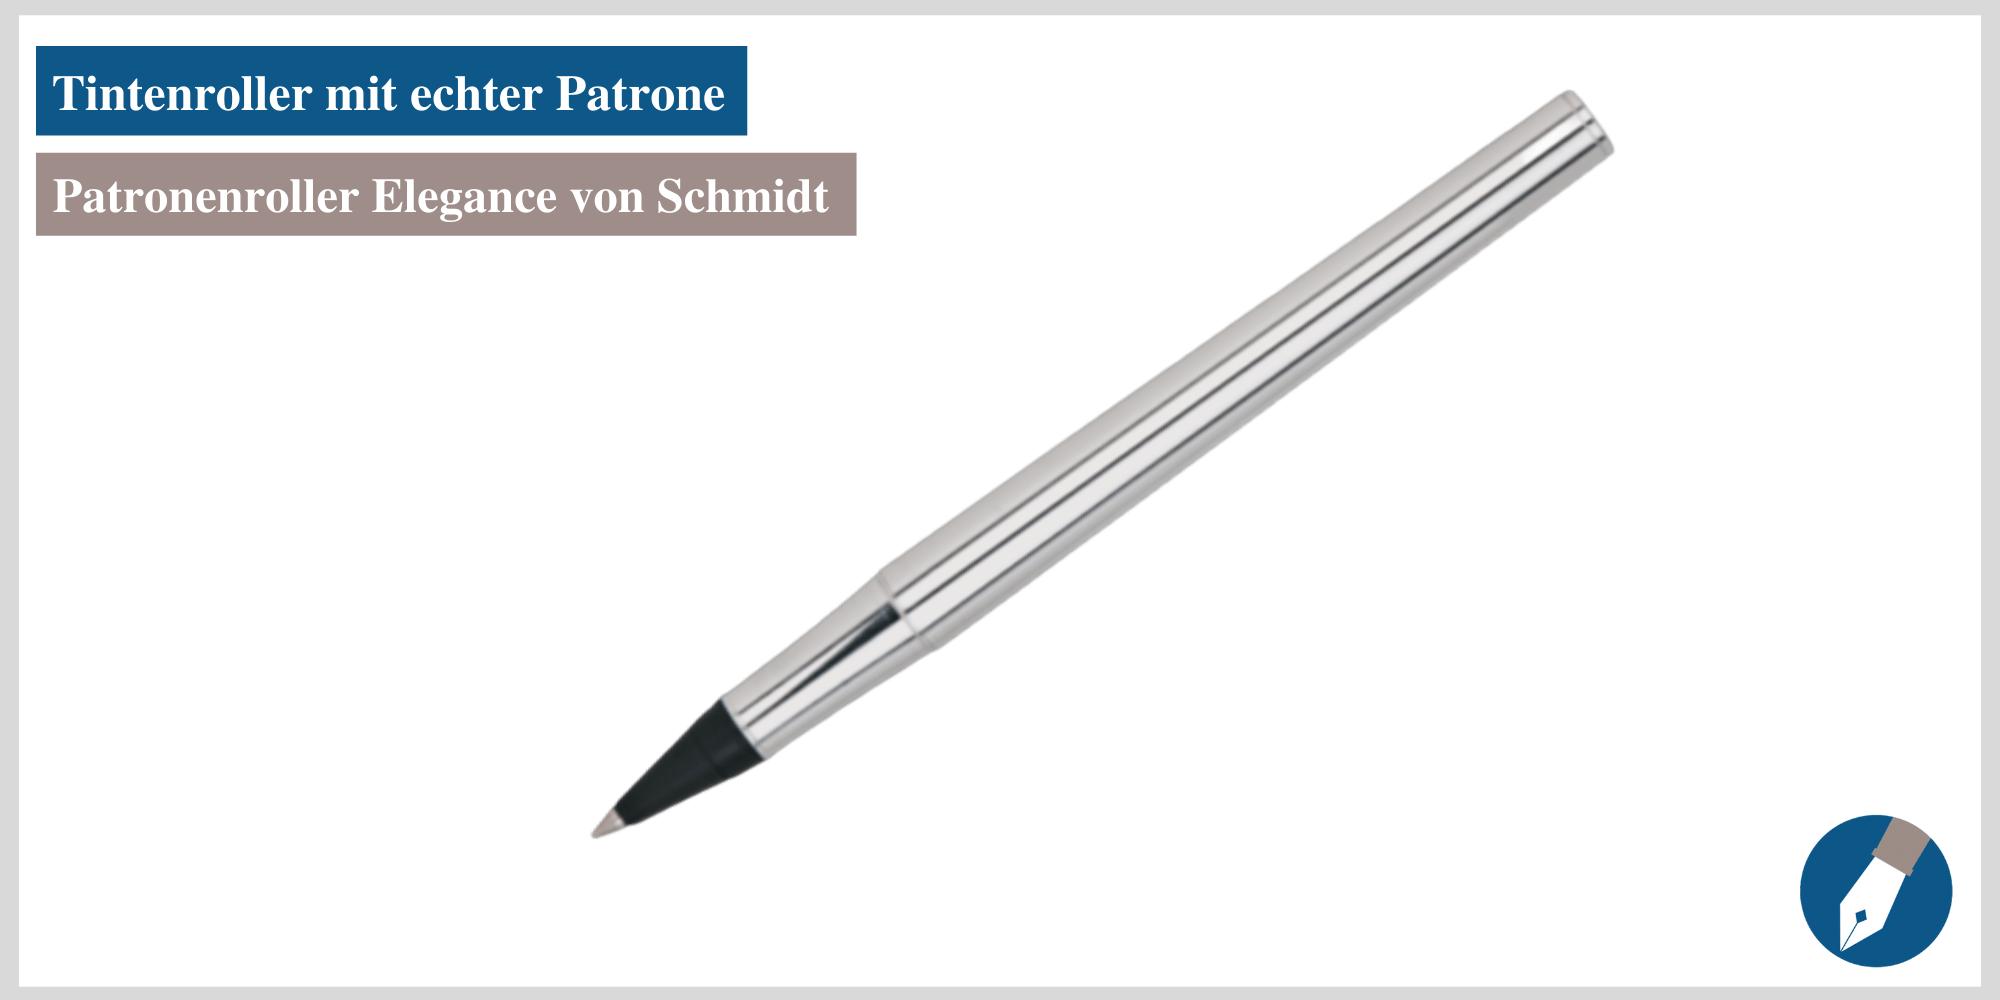 Der Patronenroller Elegance von Schmidt - jetzt auch bei MiaSkribo in Köln erhältlich.